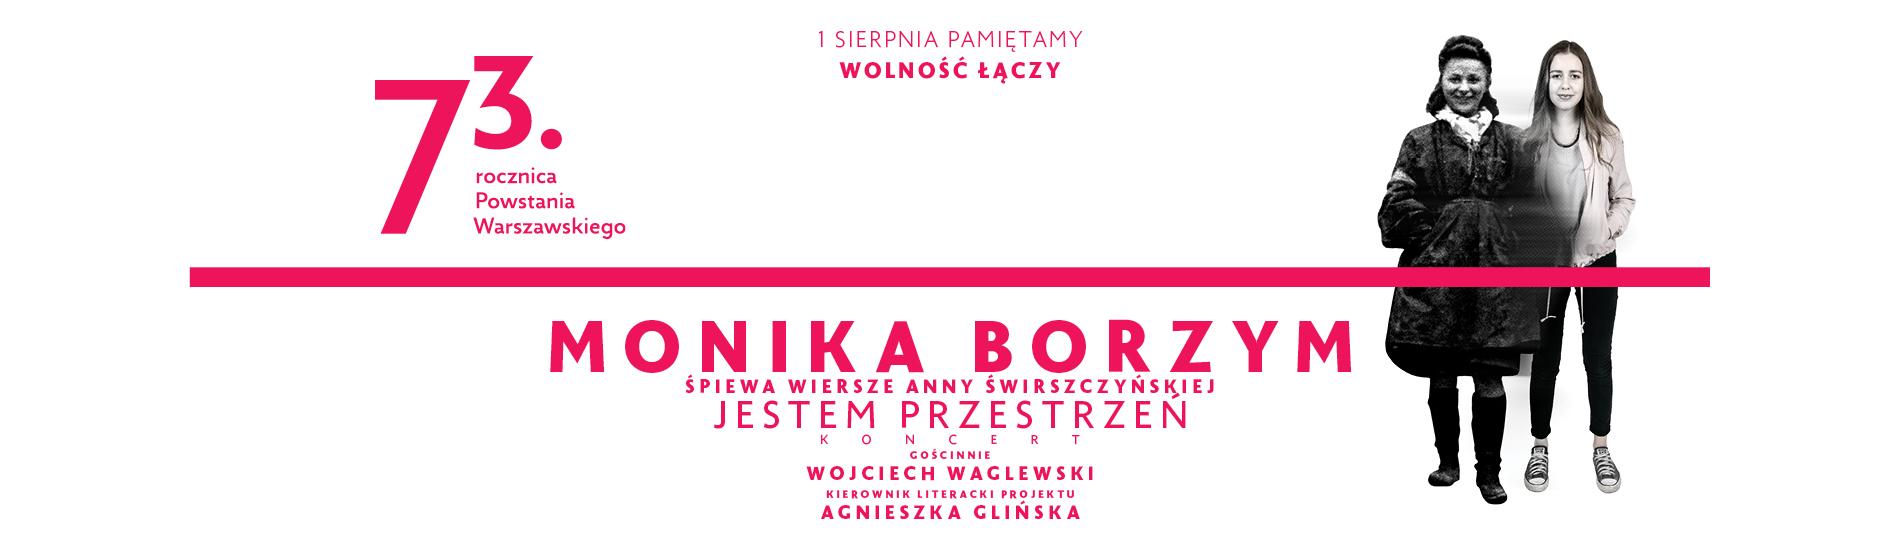 Poezja świrszczyńskiej W Jazzowej Aranżacji